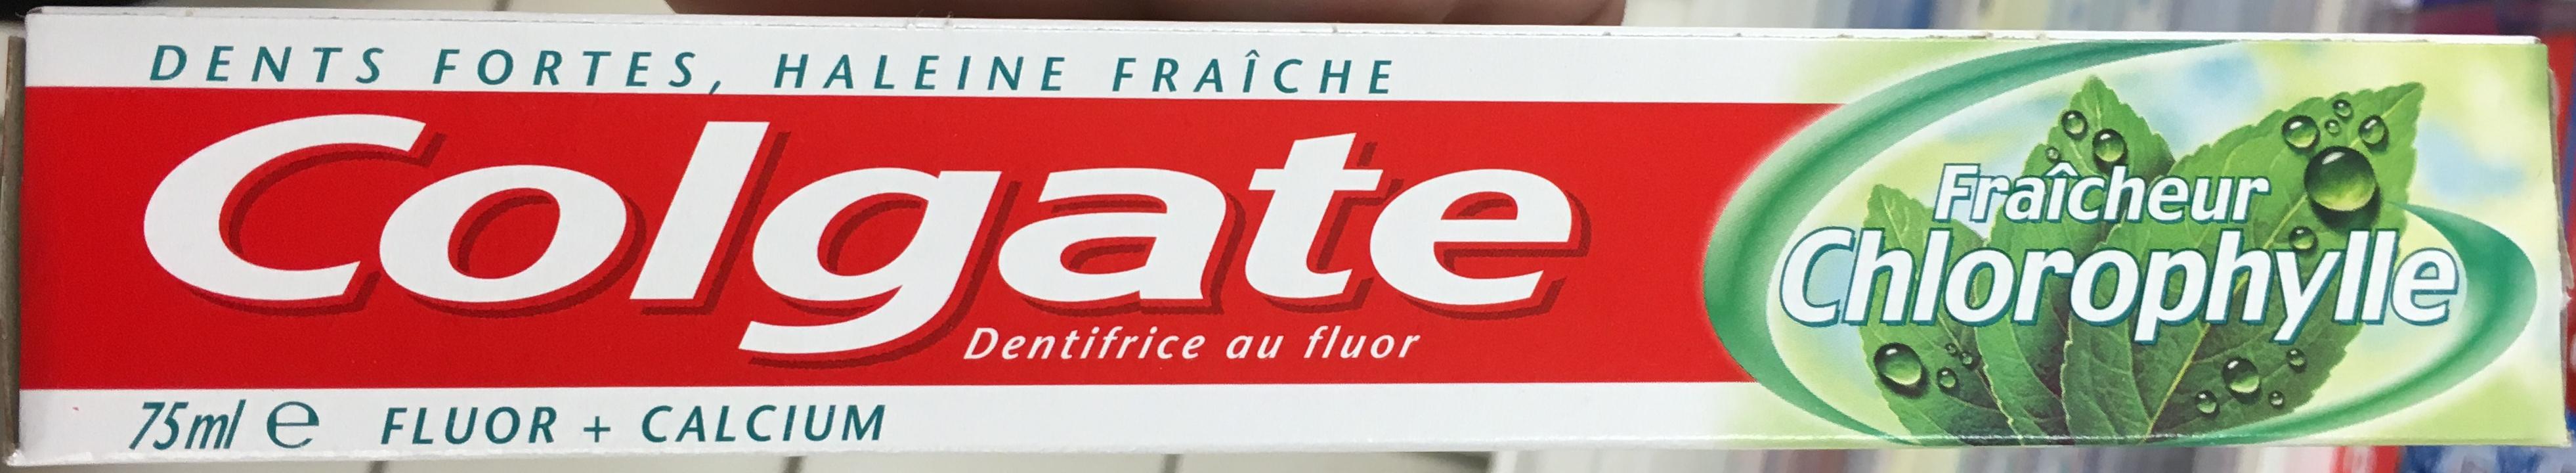 Fraîcheur Chlorophylle - Produit